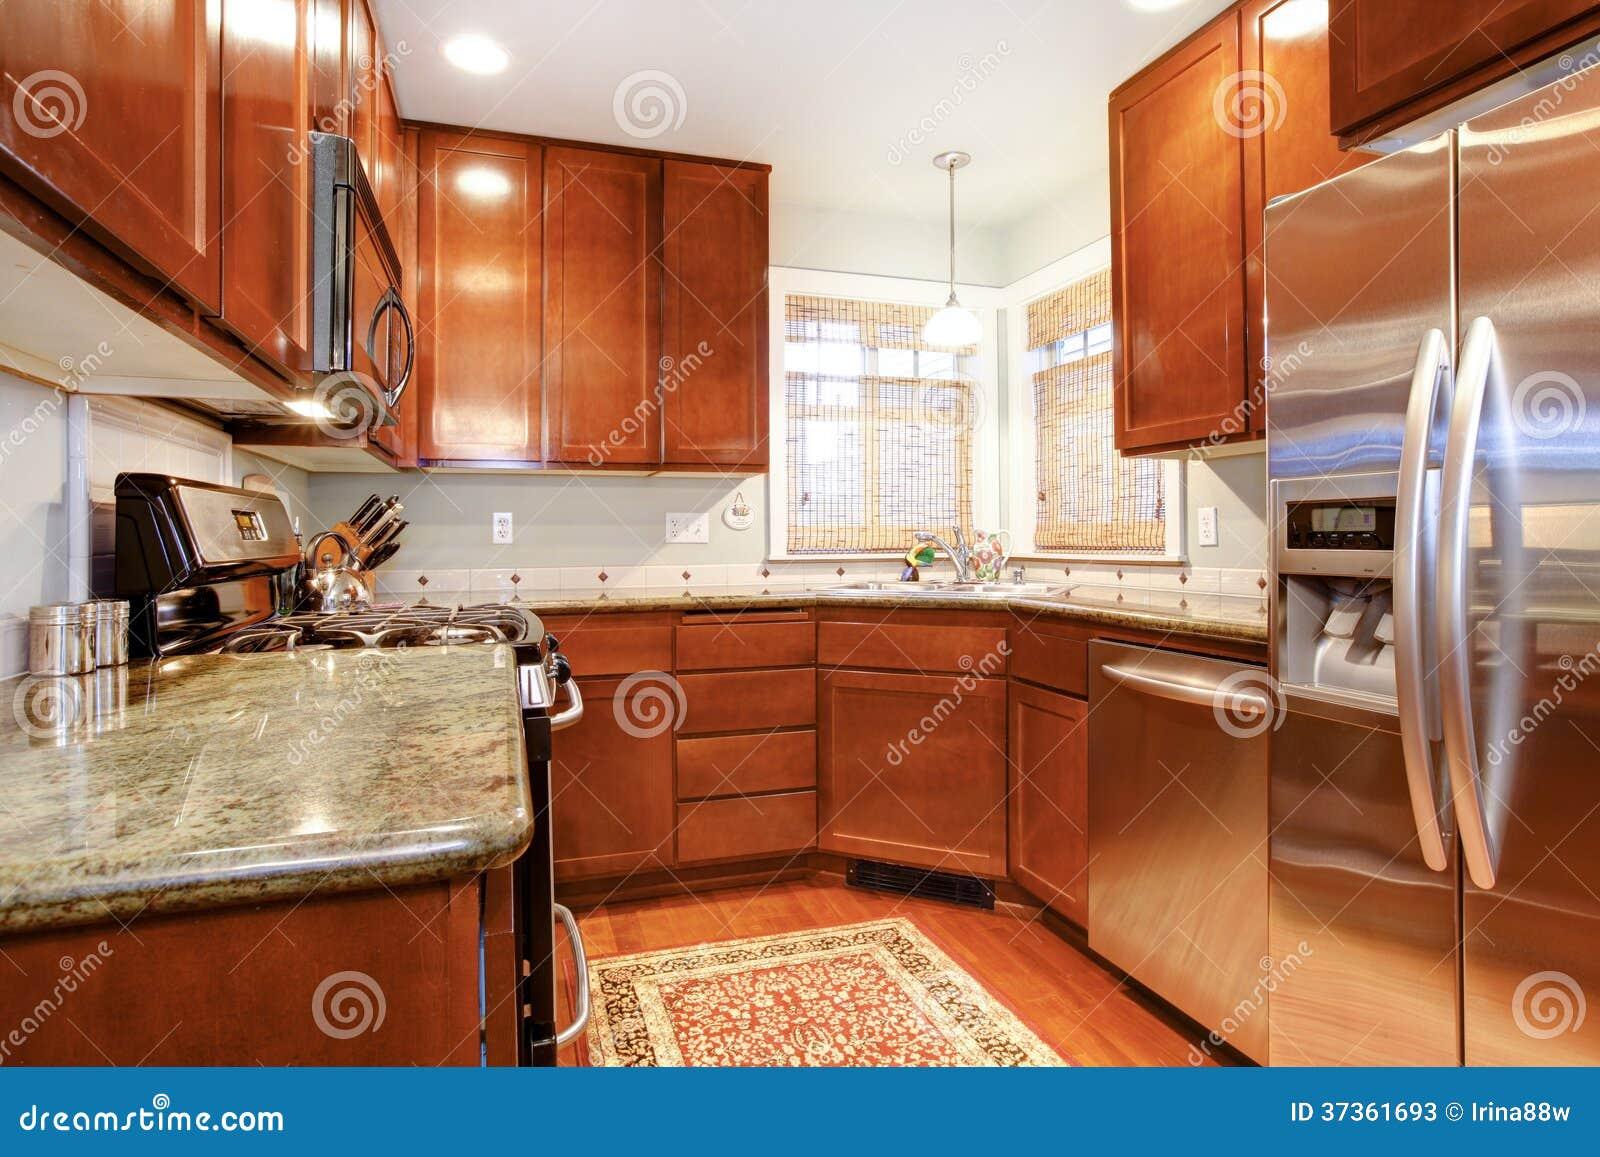 Sala Simples Pequena Da Cozinha Stock Photos 43 Images -> Sala Simples Marrom